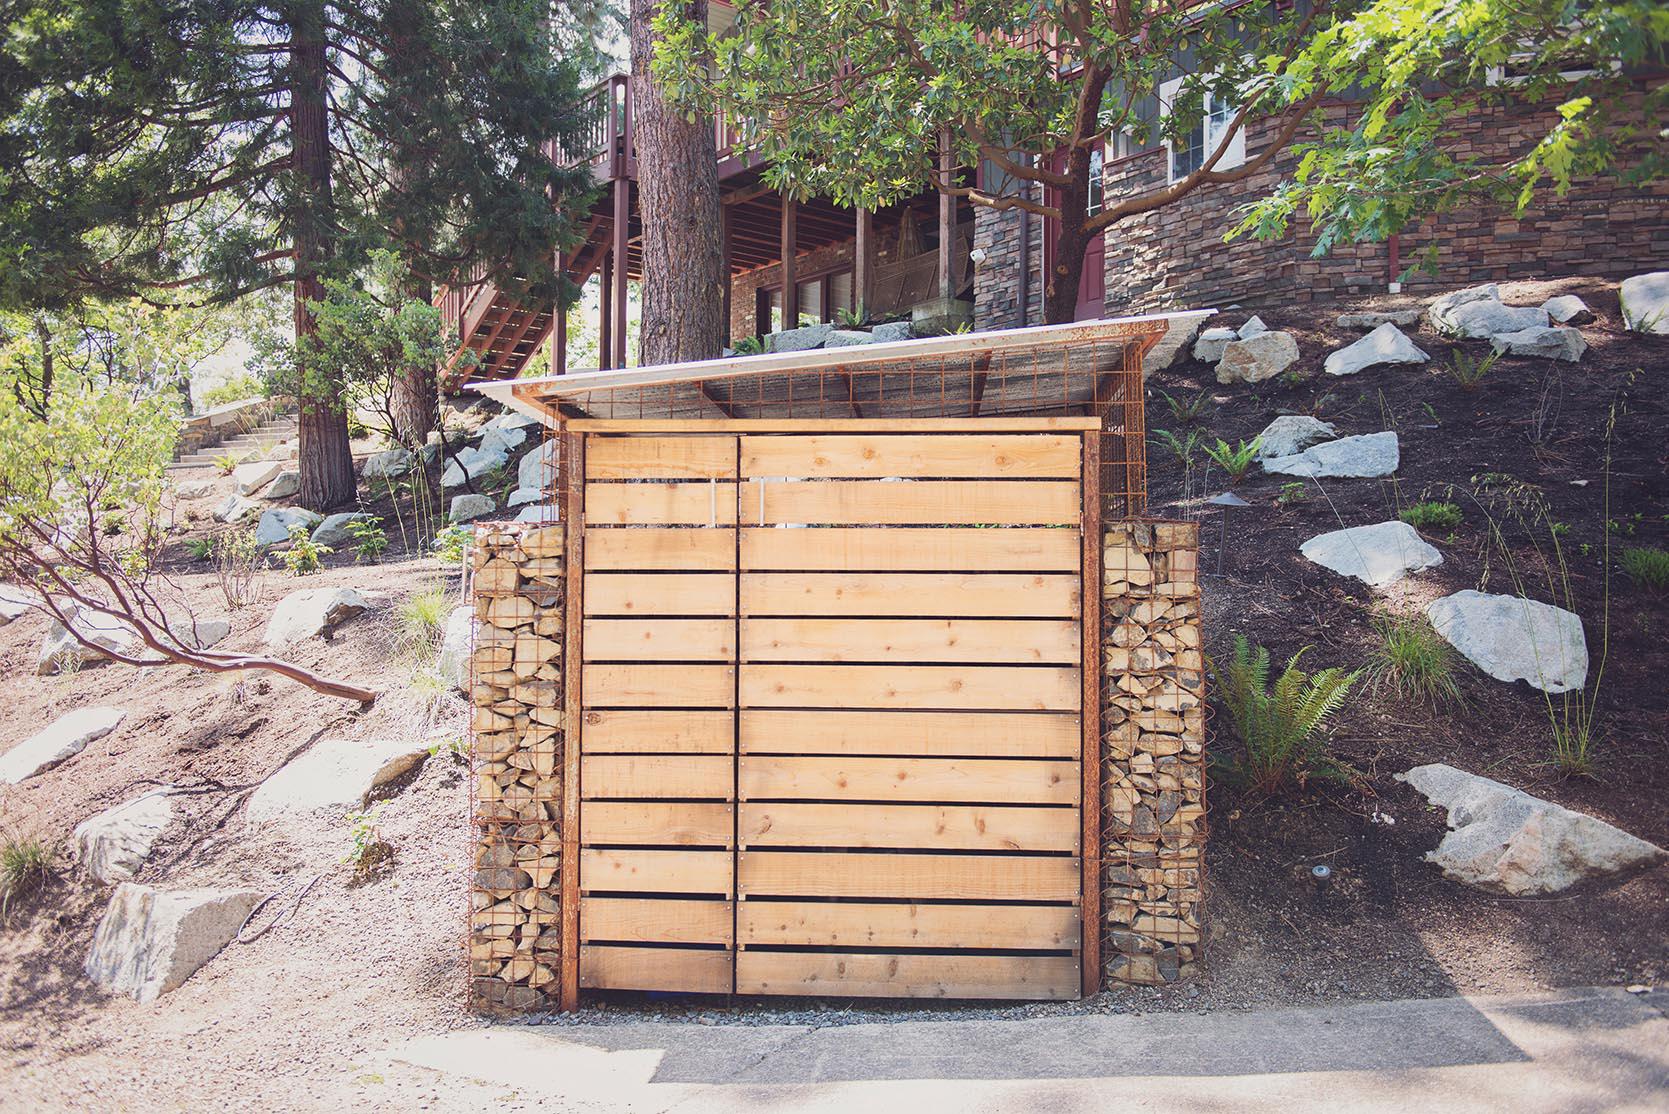 Cedar Slat Door + Steel + Gabion + Shed + Garbage + Recycling + Bear Proof + Granite Boulders.jpg